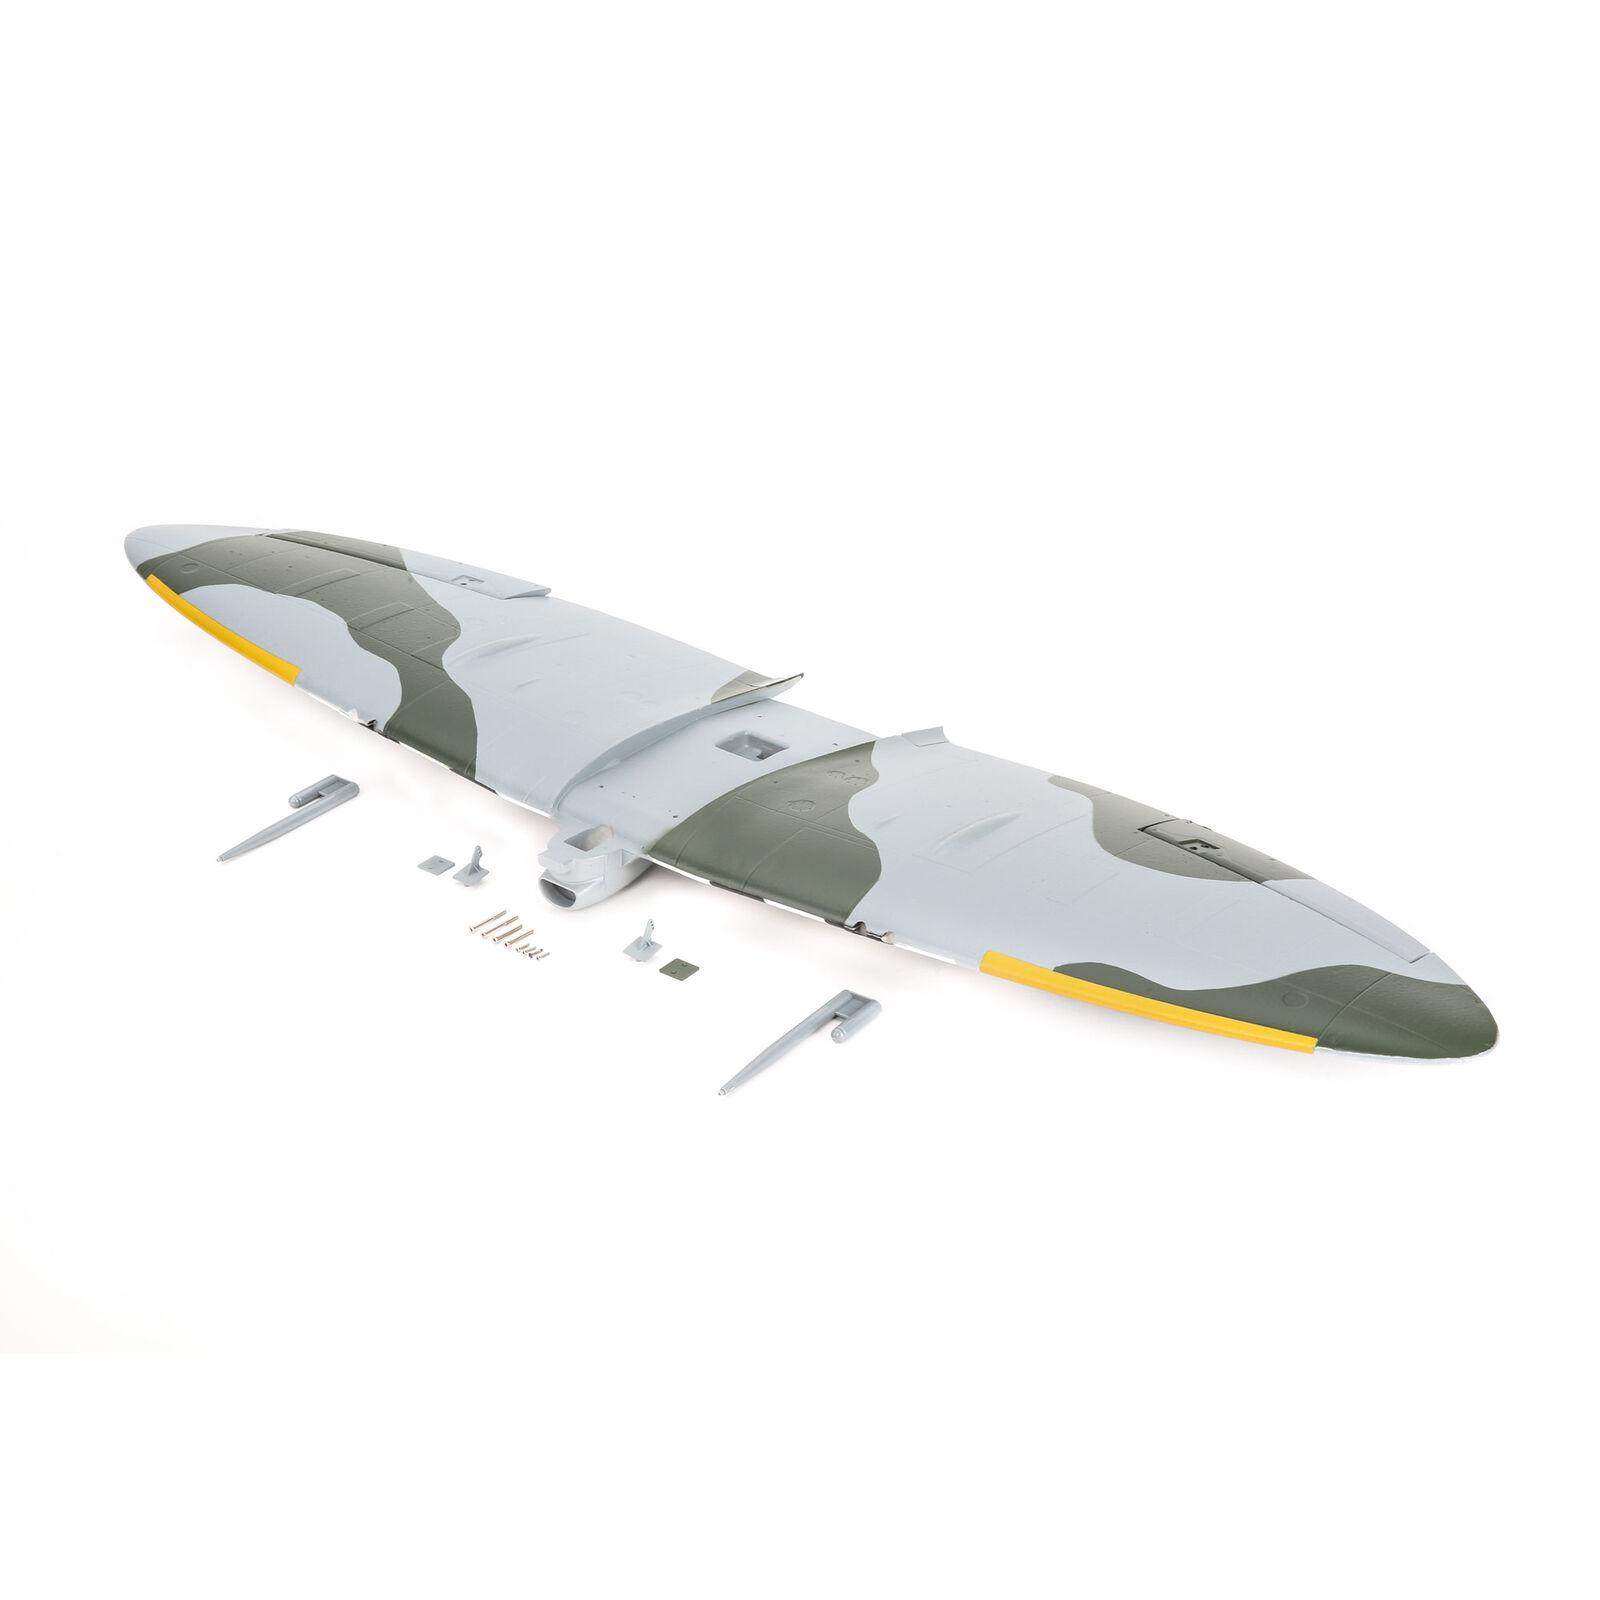 E-flite Tragfläche, lackiert: Spitfire Mk XIV 1,2 m